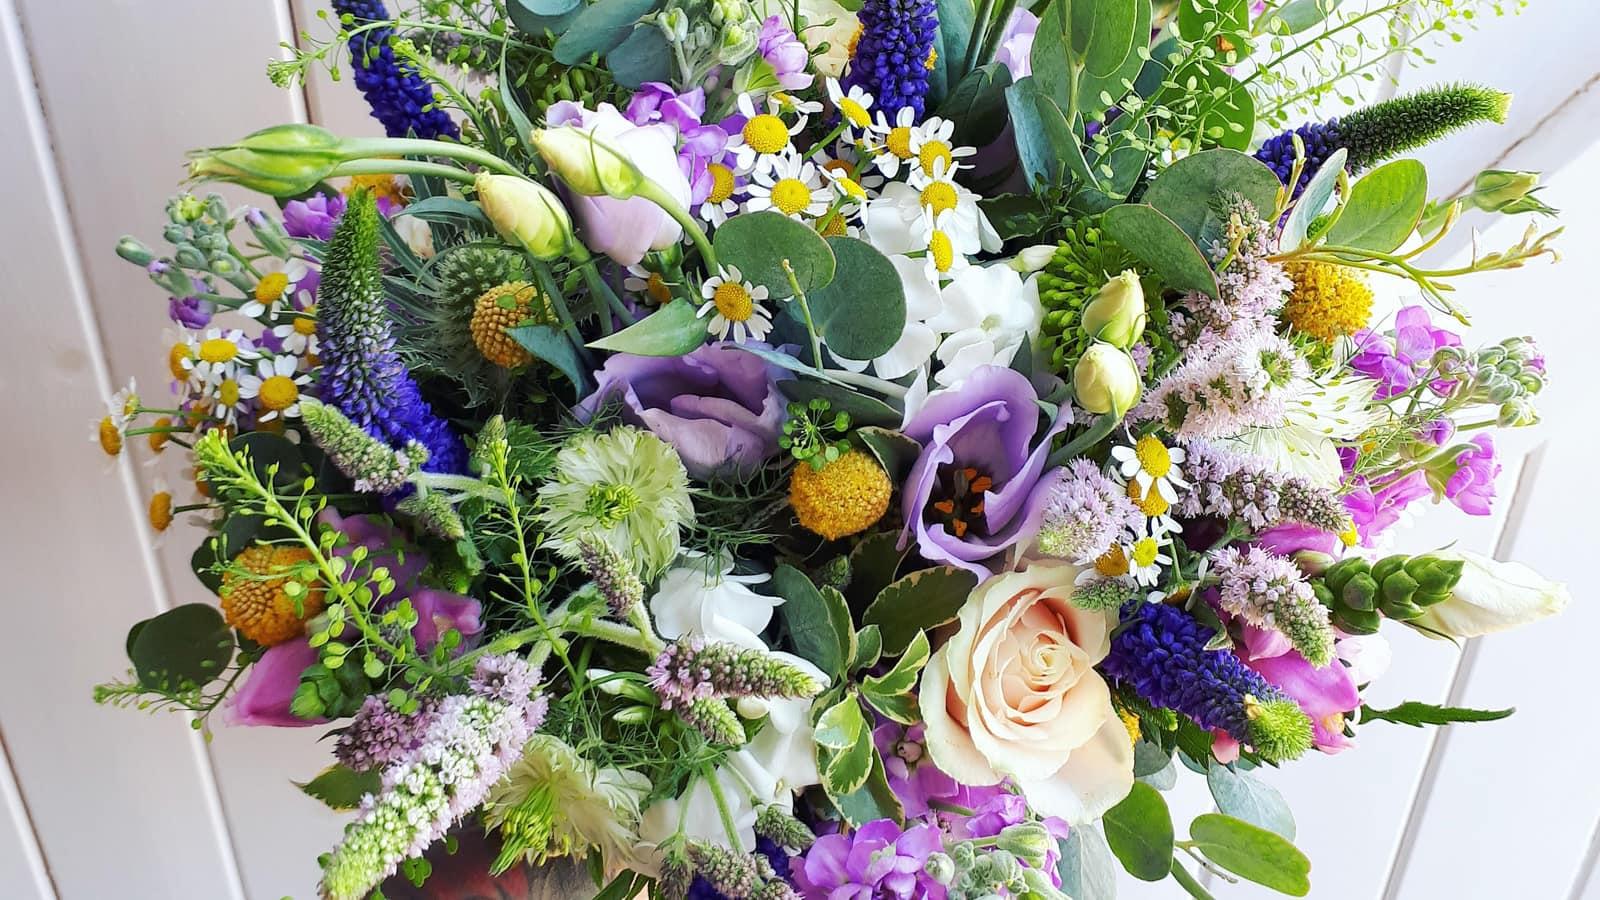 Best Flowers By Season